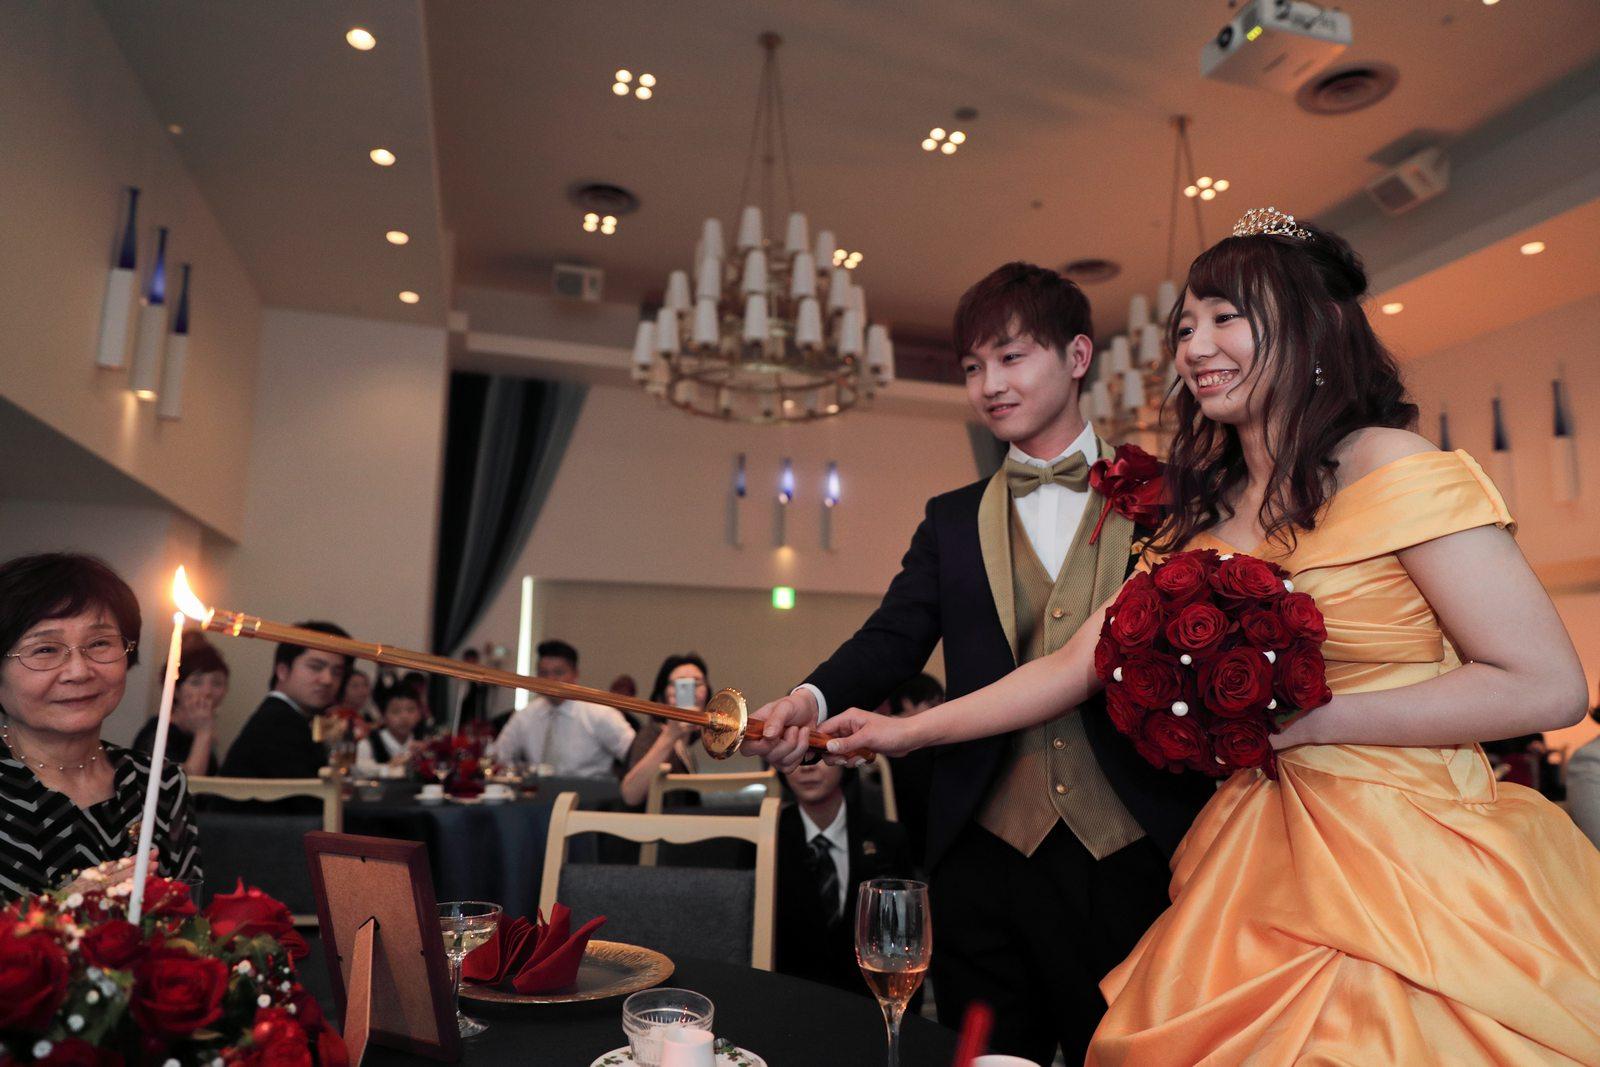 香川県の結婚式場シェルエメール&アイスタイル キャンドルサービス